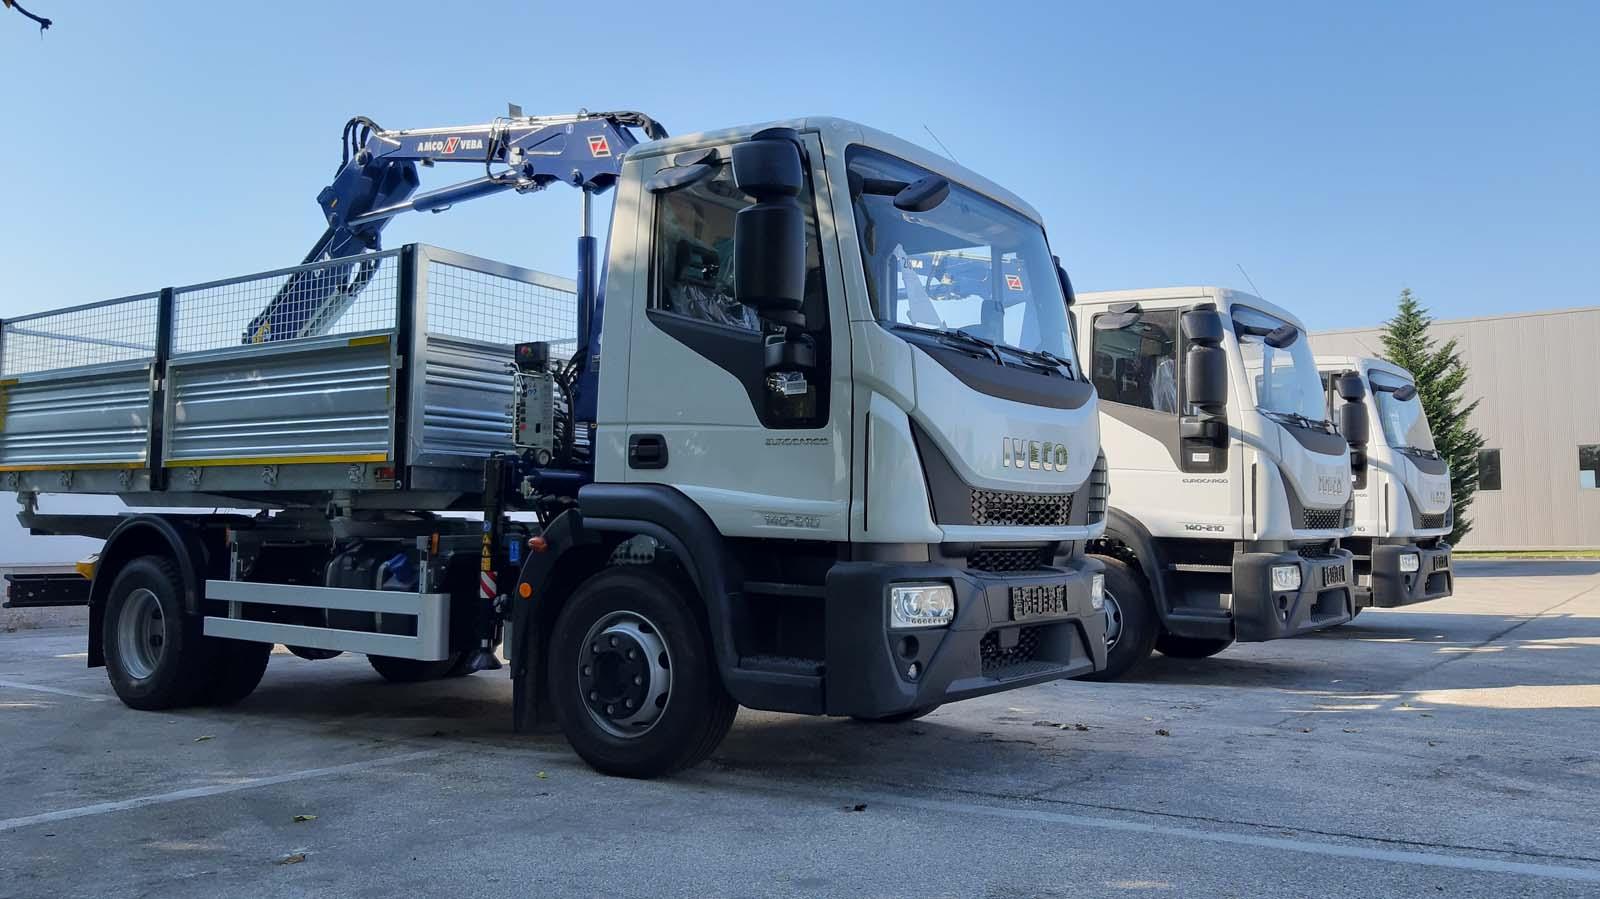 burgas-truck-service-upgrades-6